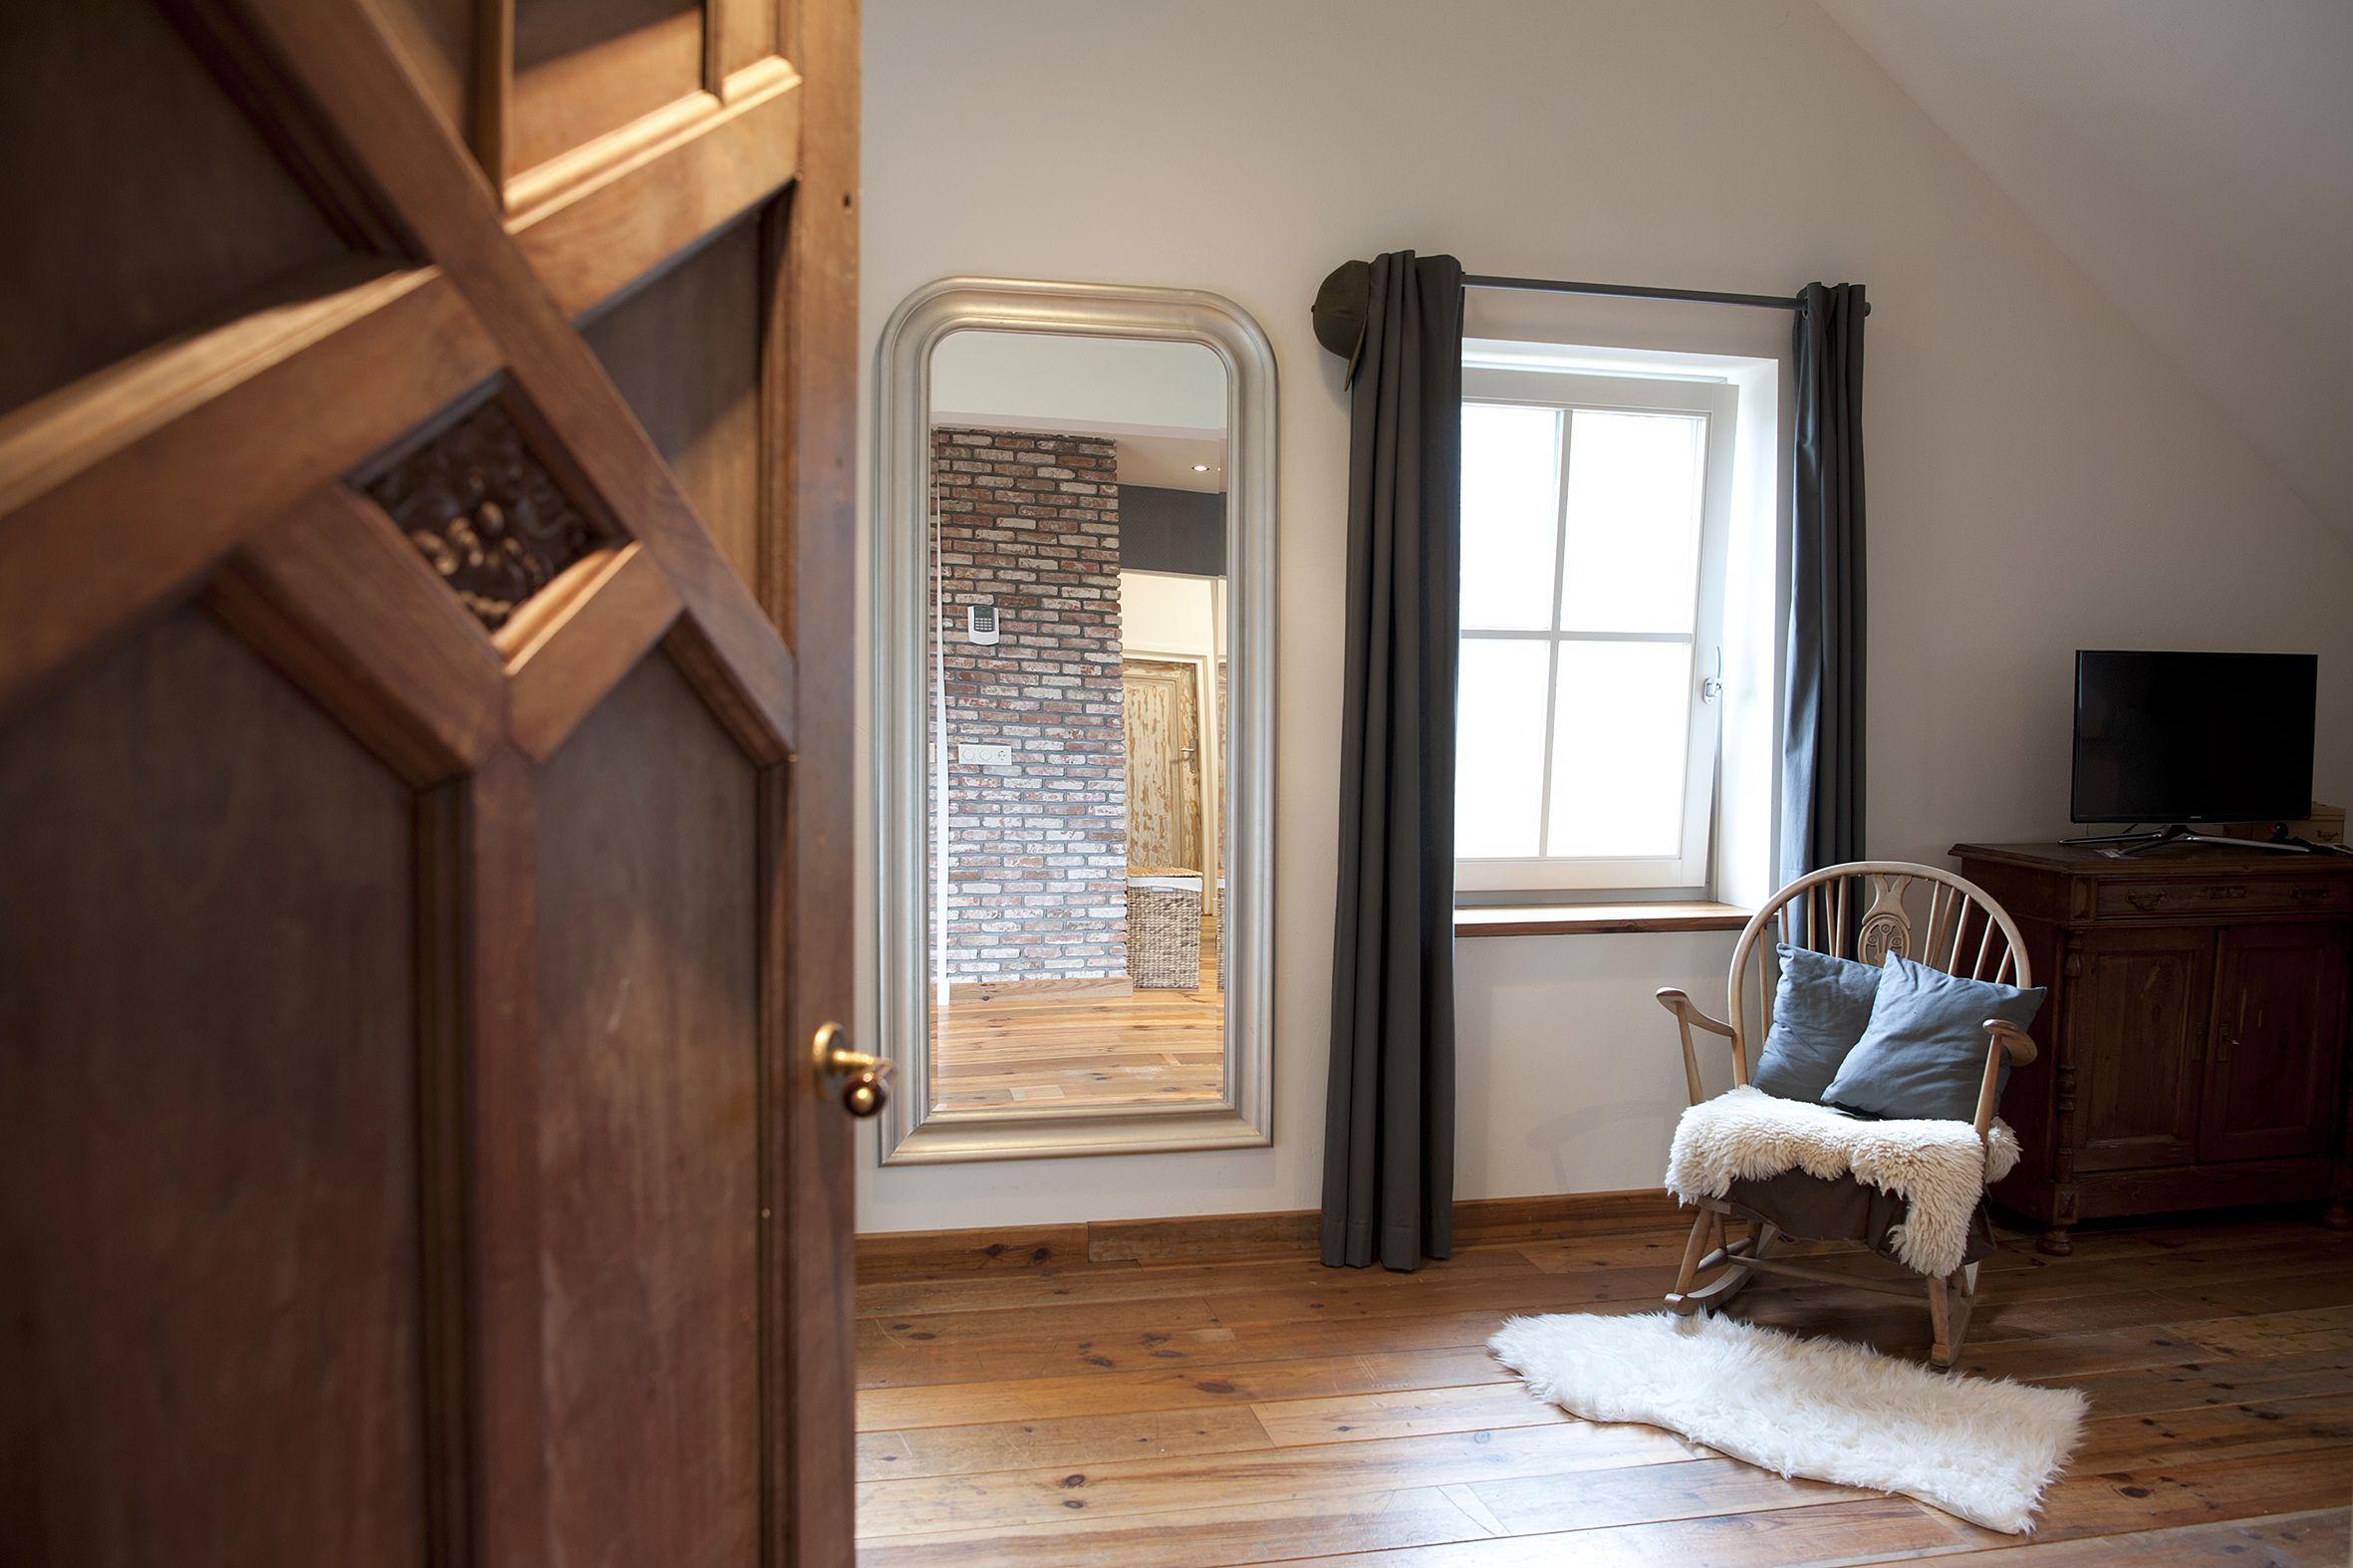 Oude Grenen Vloer : Oude grenen vloerdelen een nieuw leven inblazen. oude vloeren zijn